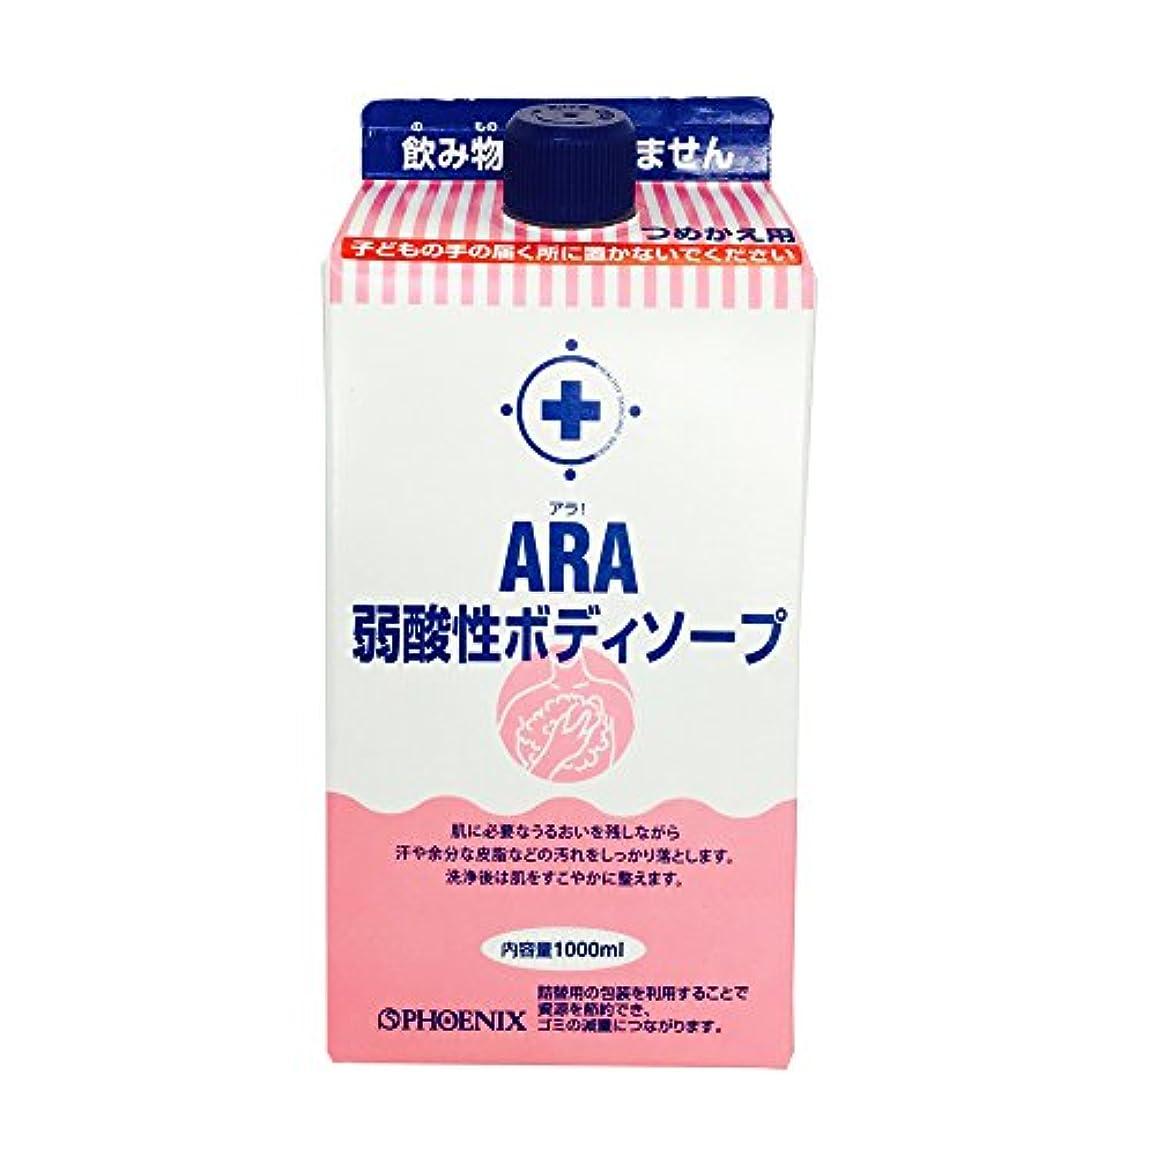 簡単にネット配るアラ弱酸性ボディソープ 1L 1本